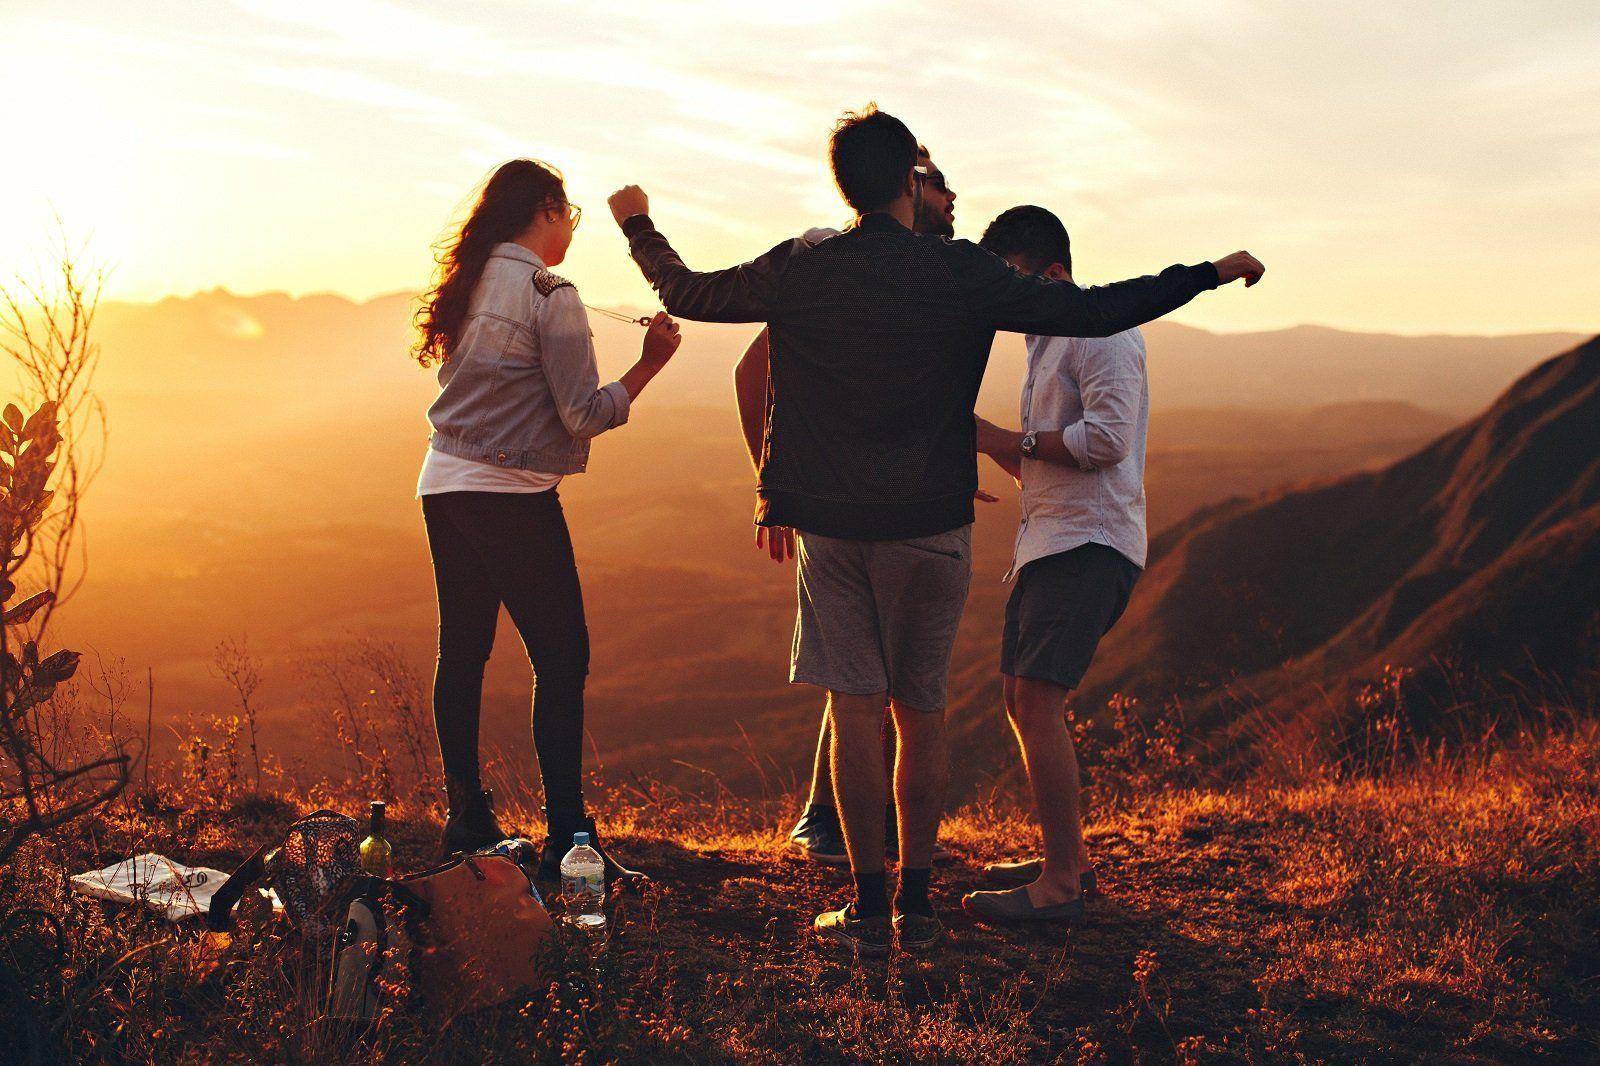 Θα κάνεις φιλίες μιας ζωής και θα γνωρίσεις εντυπωσιακούς ανθρώπους